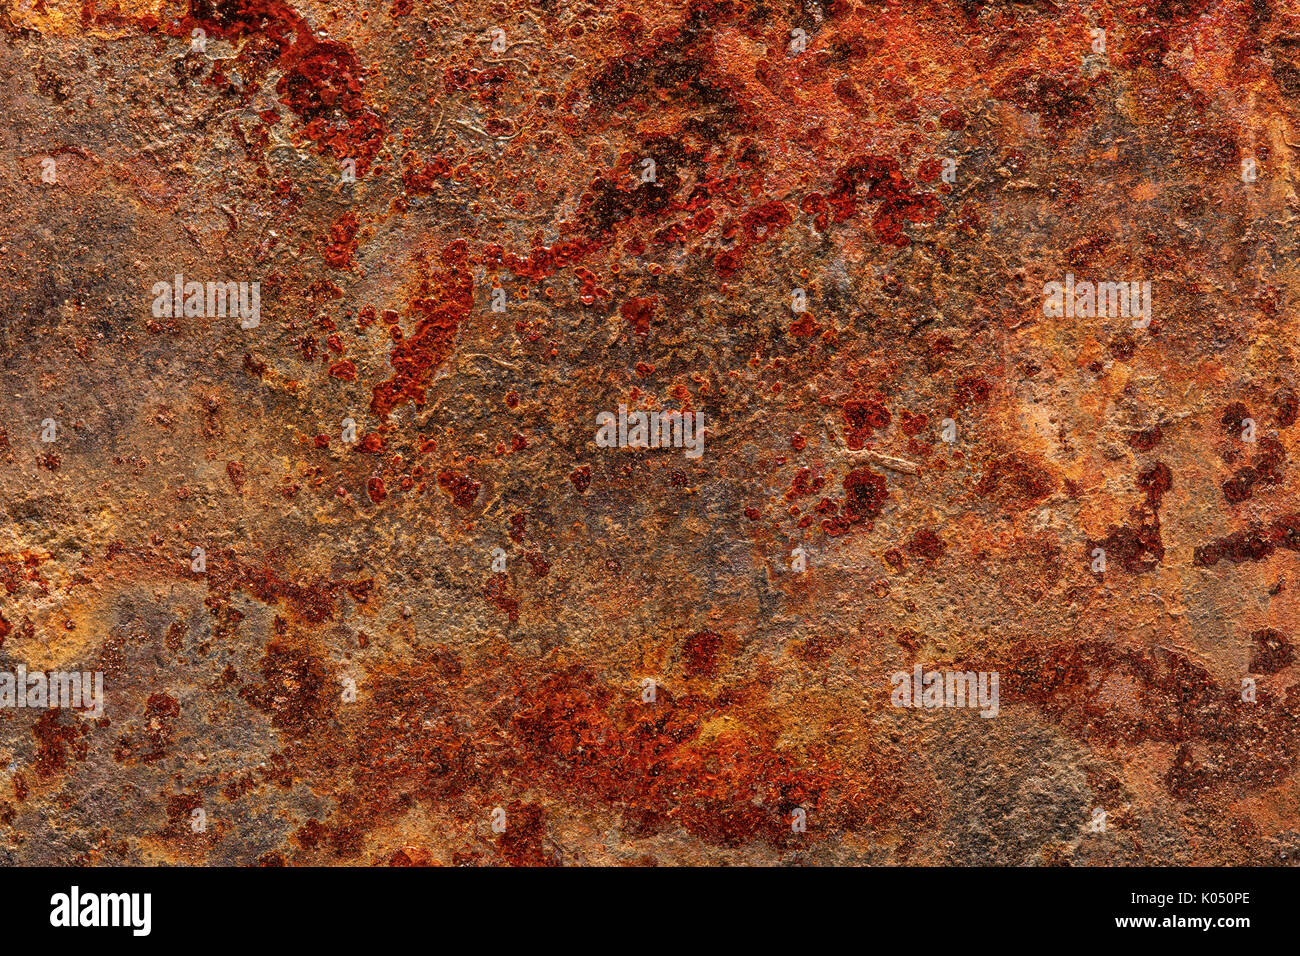 Stark verrostet grunge Blech Textur für Hintergründe Stockbild